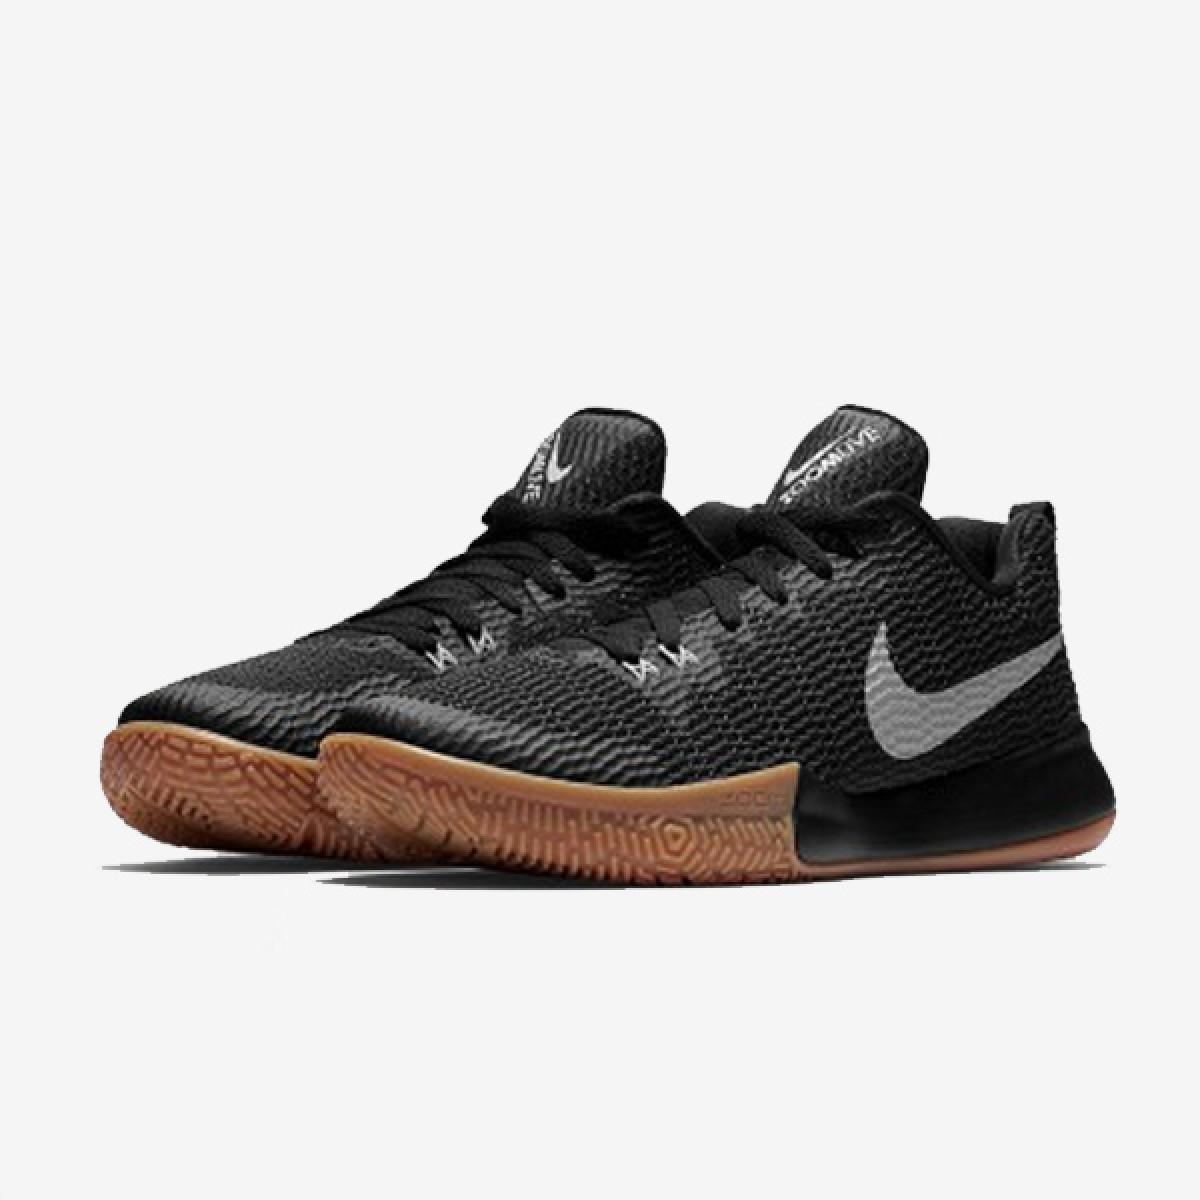 Nike Zoom Live II 'Black Gum' AH7566-001